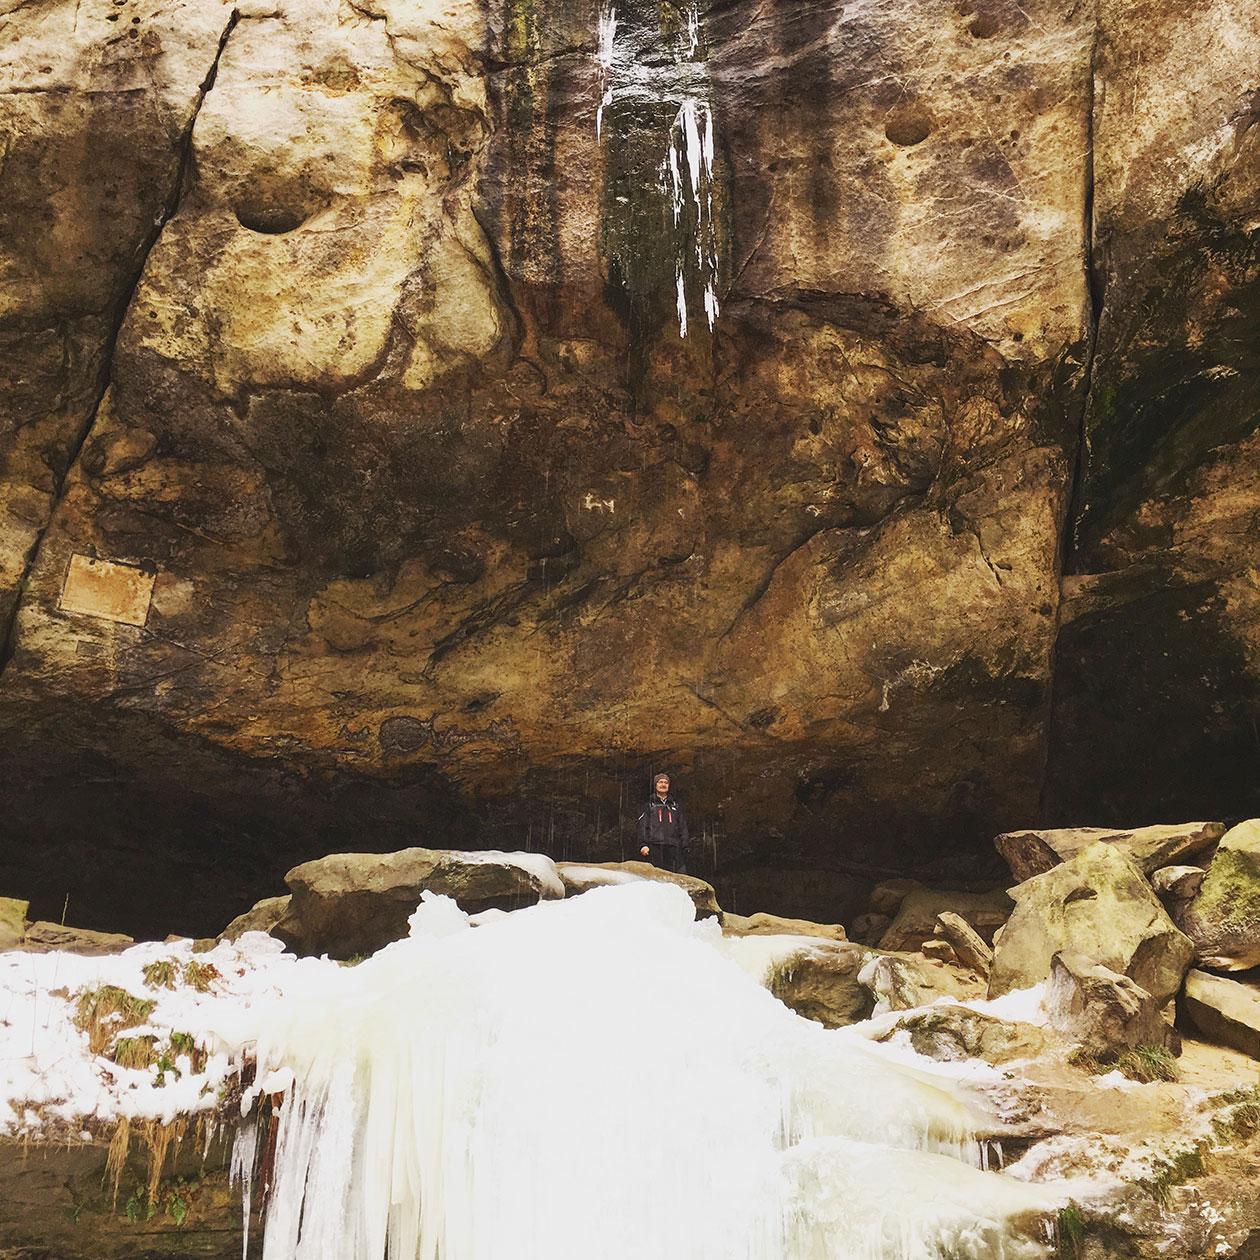 Leider kein gefrorener Wasserfall aber dafür jede Menge Eisschollen: in der Gautschgrotte